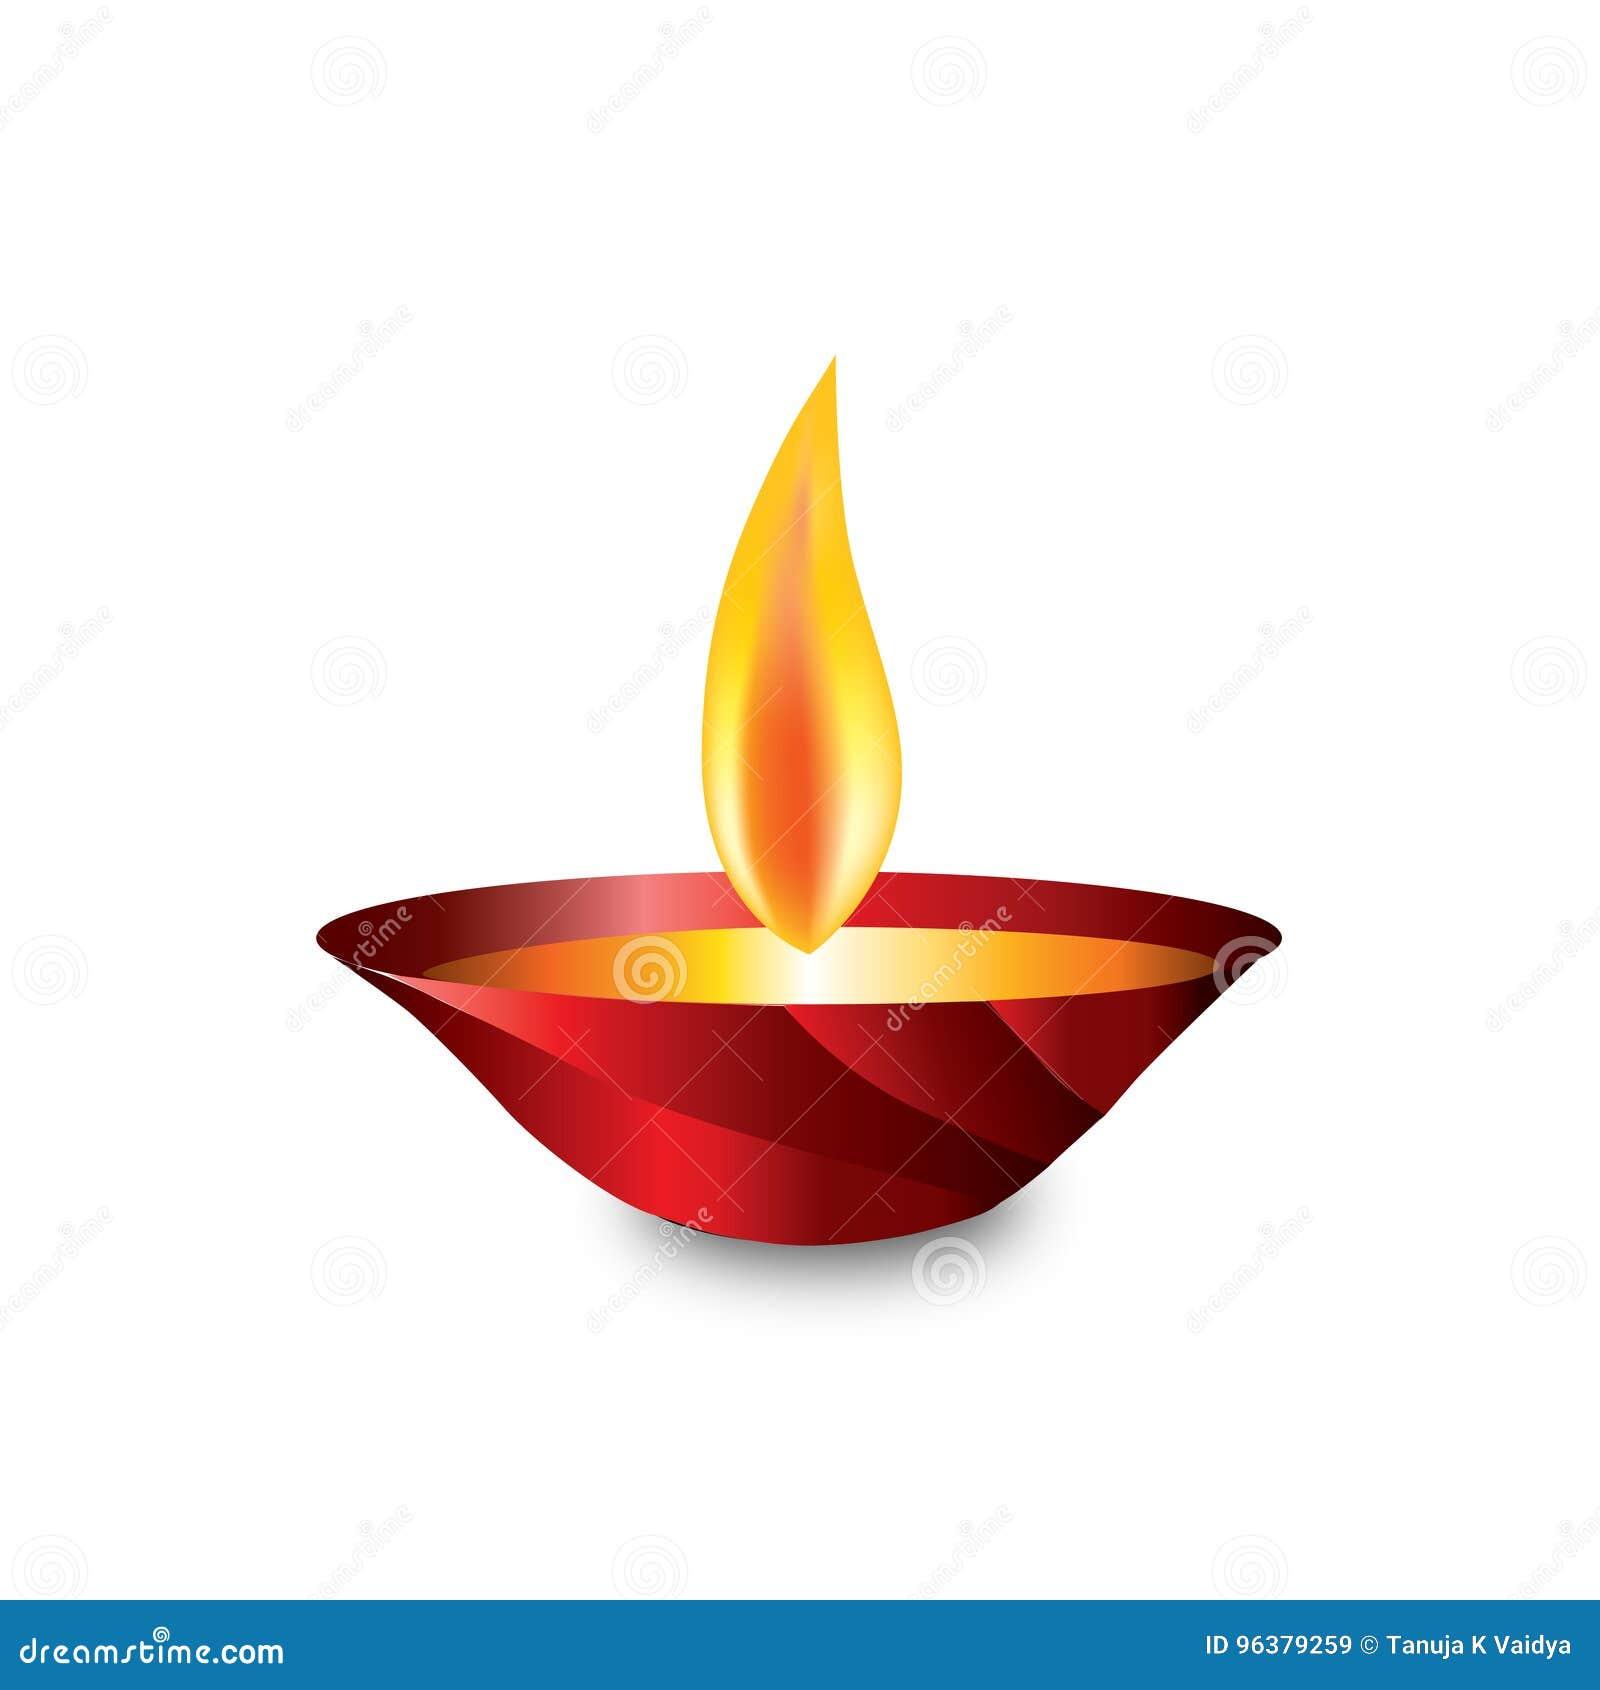 Diya Diwali festival